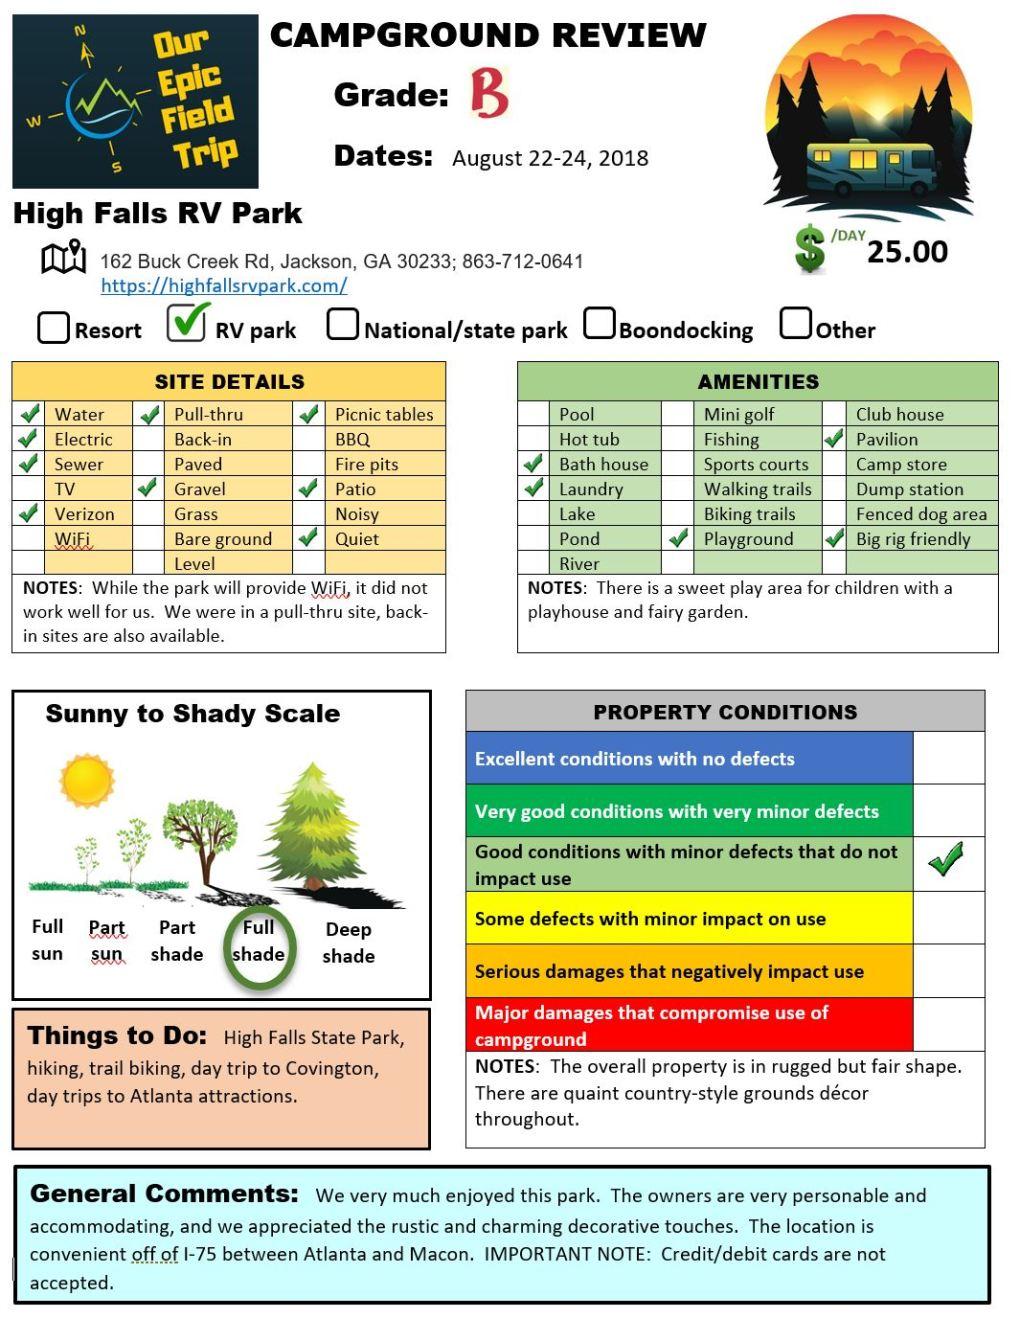 Campground Review - GA - High Falls RV Park-Jackson